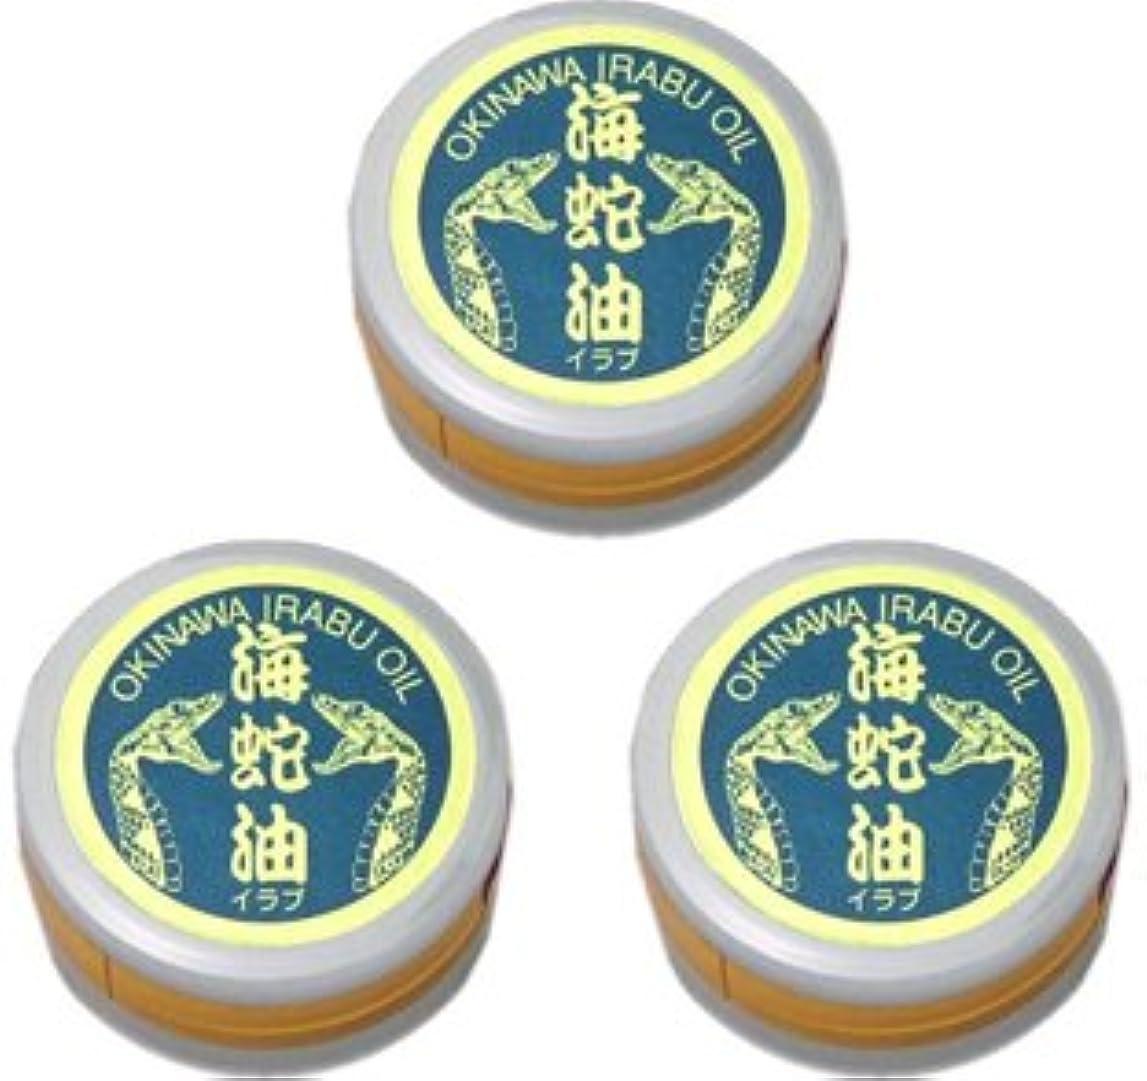 急いで既婚共役沖縄県産100% イラブ油25g/軟膏タイプ 25g×3個 配送レターパック! 代引き?日時指定不可